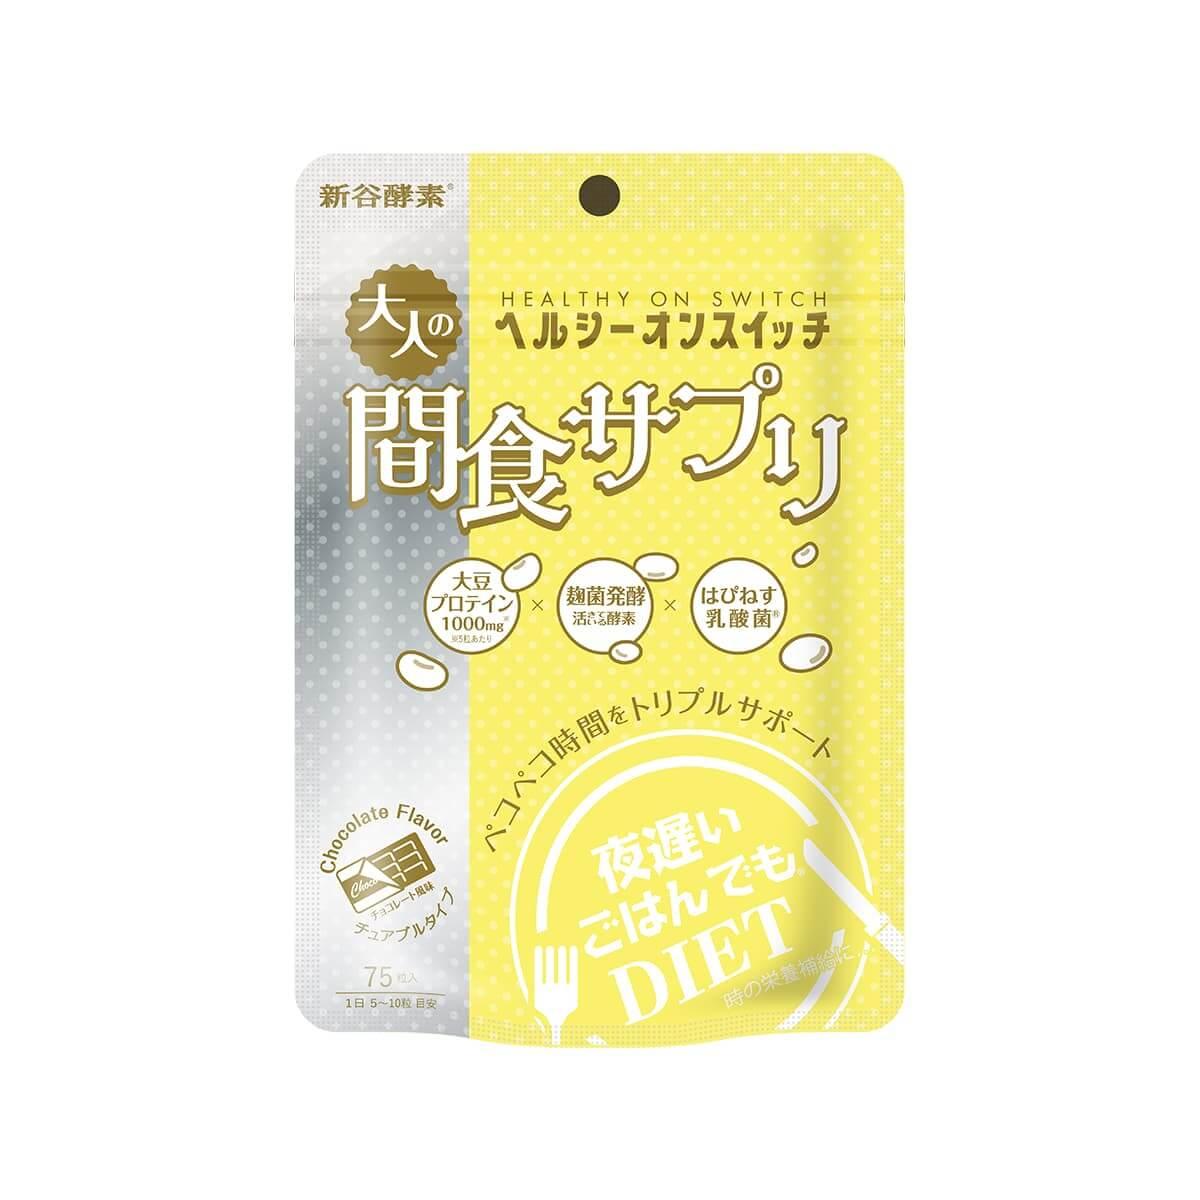 新谷酵素 夜遅いごはんでも ヘルシーオンスイッチ 75粒(チョコレート風味)(1日5~10粒目安)